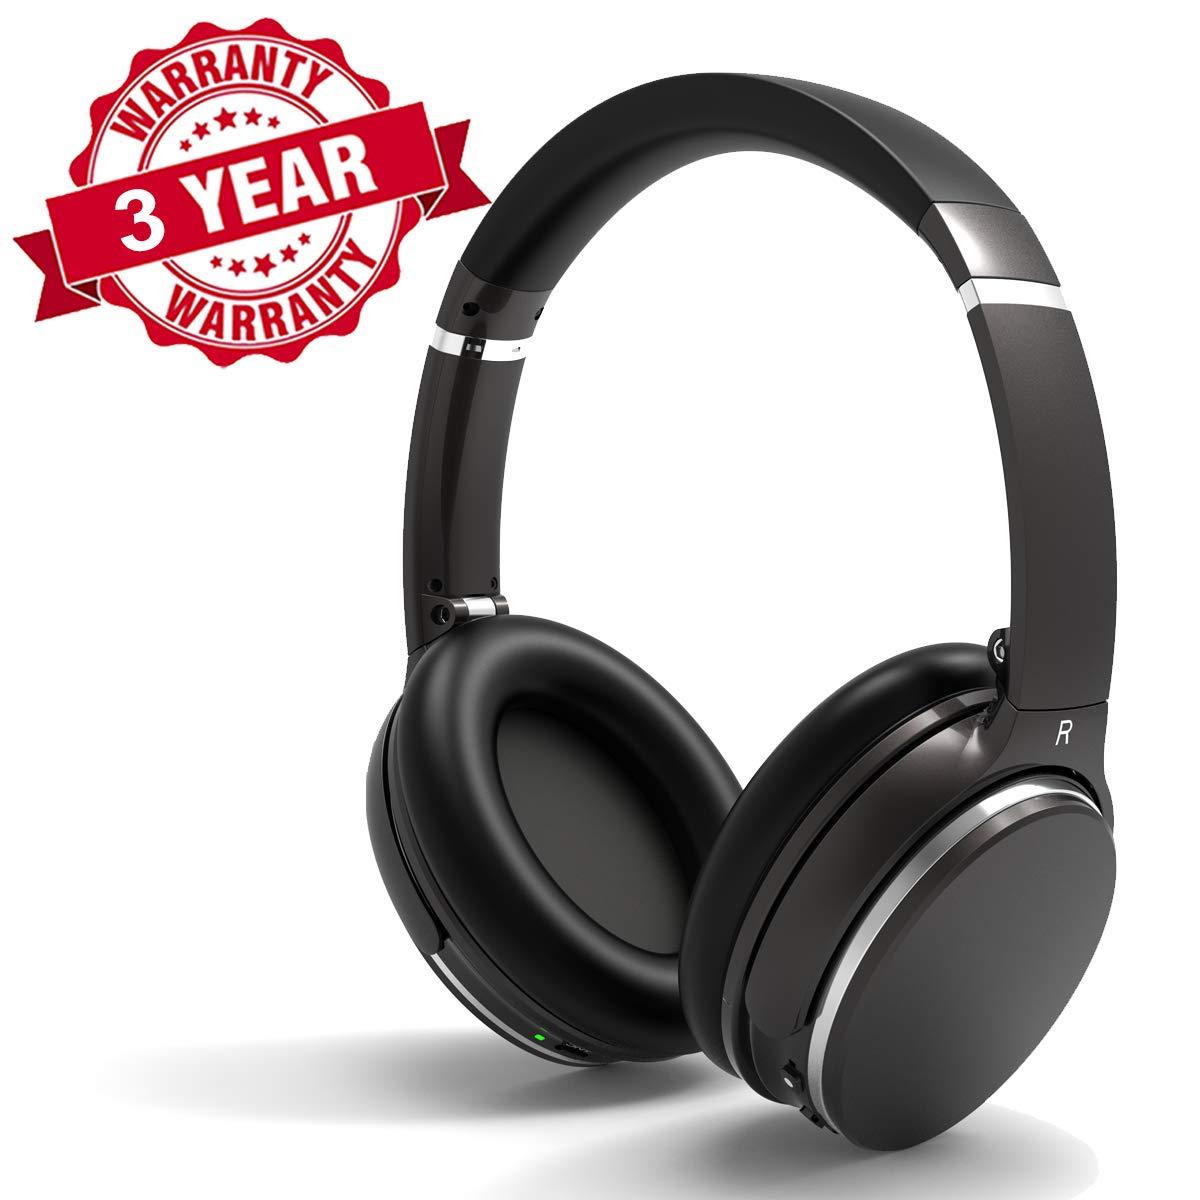 Woozik Bluetooth アクティブノイズキャンセリングヘッドホン マイク付きワイヤレスオーバーイヤーヘッドセット 18時間のバッテリー寿命 強力な低音 仕事/旅行用のステレオサウンド 3.5mm (ANC200) B07QS5GQGZ